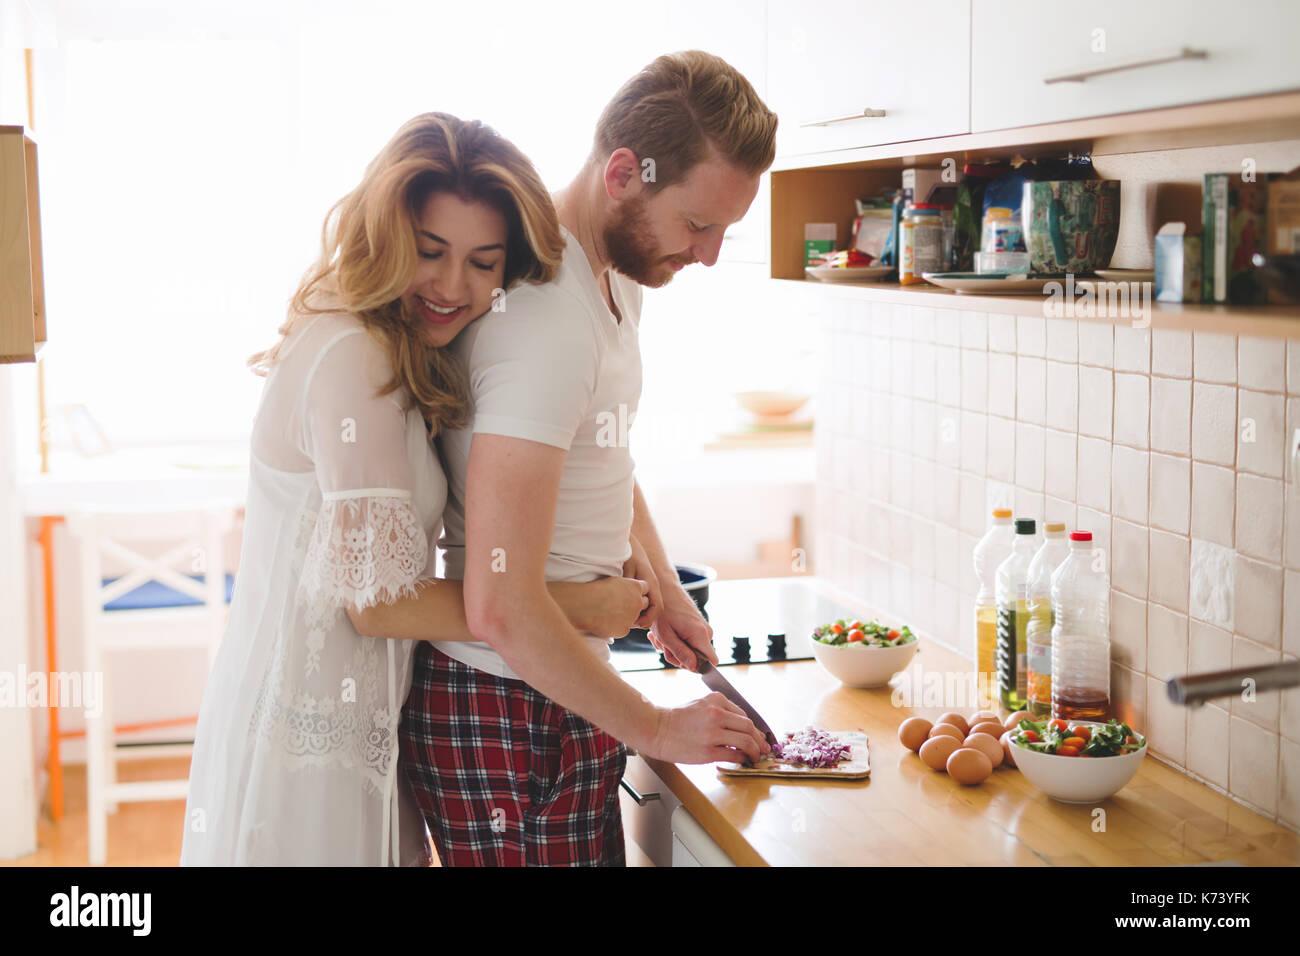 Romantisches Paar speding Zeit zusammen in der Küche Stockbild